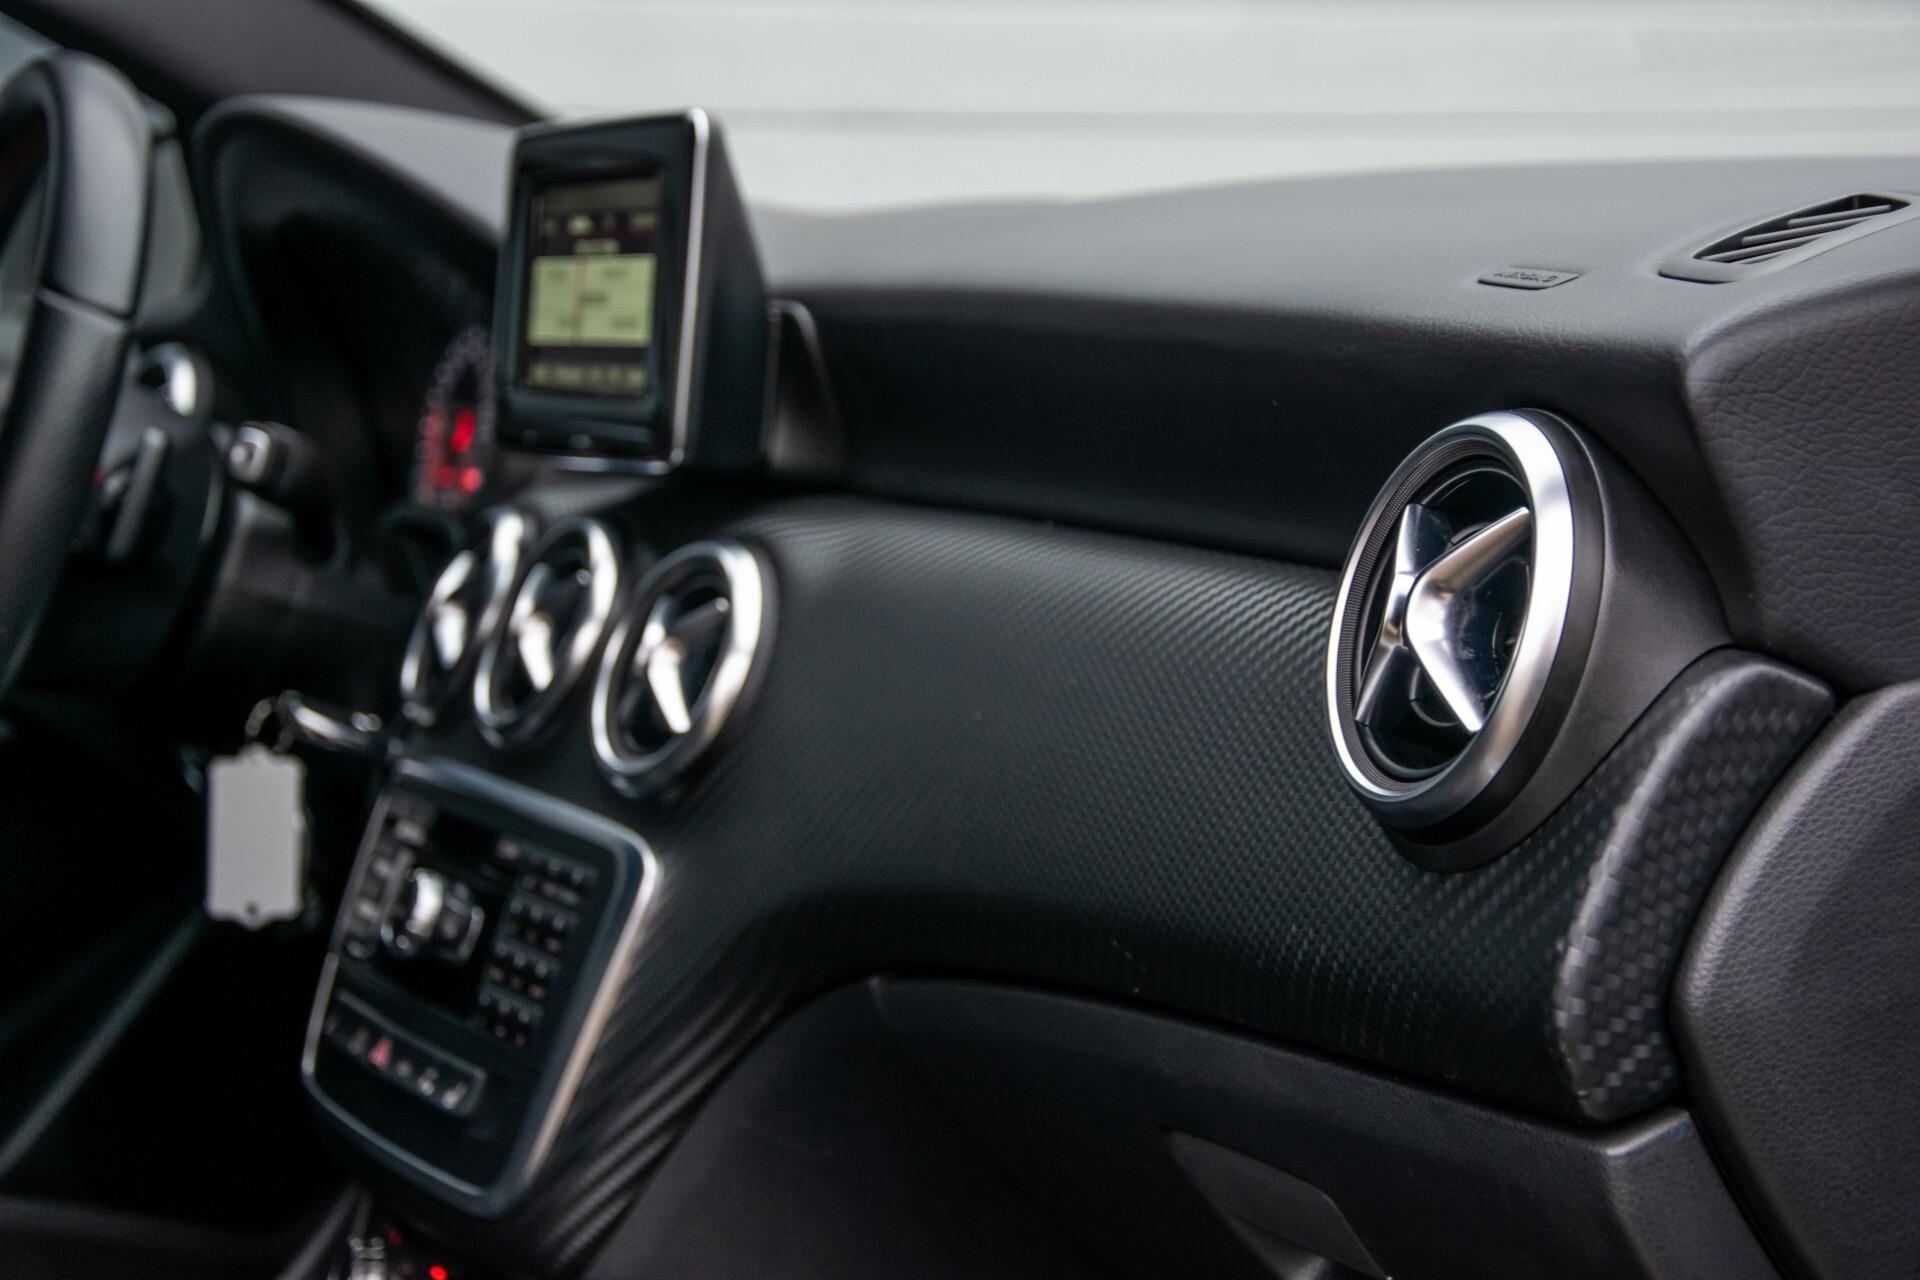 Mercedes-Benz A-Klasse 180 AMG Dynamic Handling/Camera/Xenon/Navi/Privacy Aut7 Foto 41